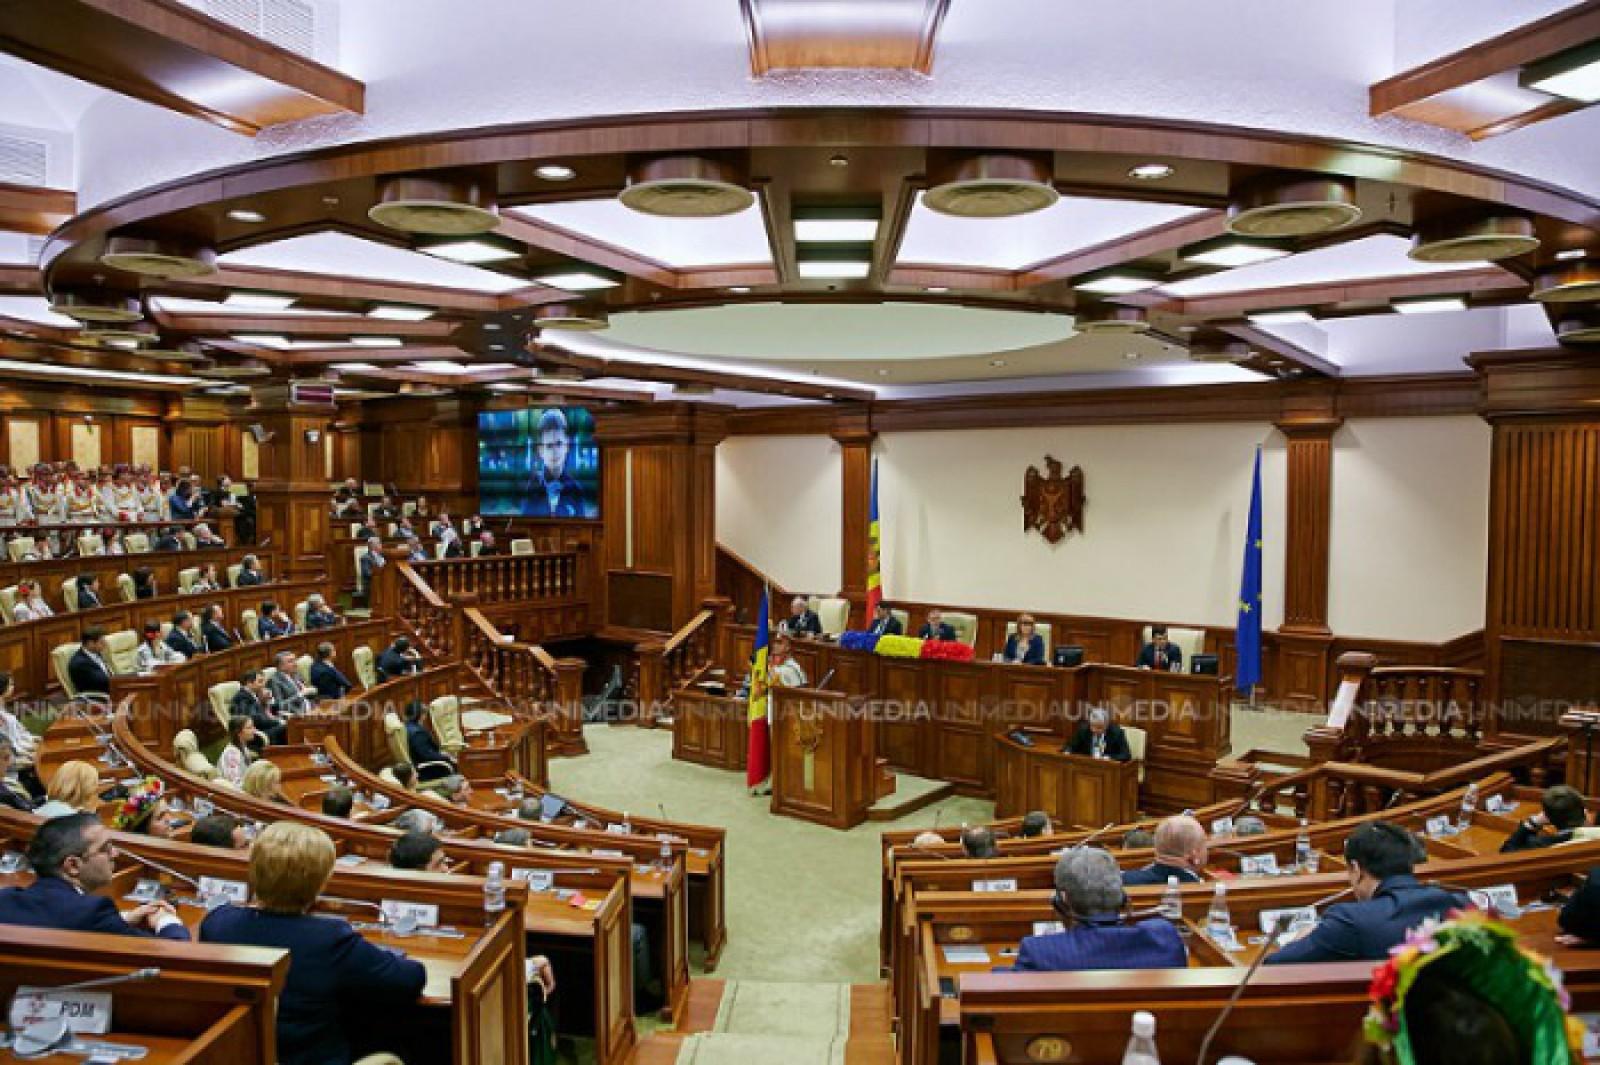 Iurie Țap și Elena Bodnarenco, cei mai activi parlamentari ai anului 2017: Câte întrebări și interpelări au adresat instituțiilor statului